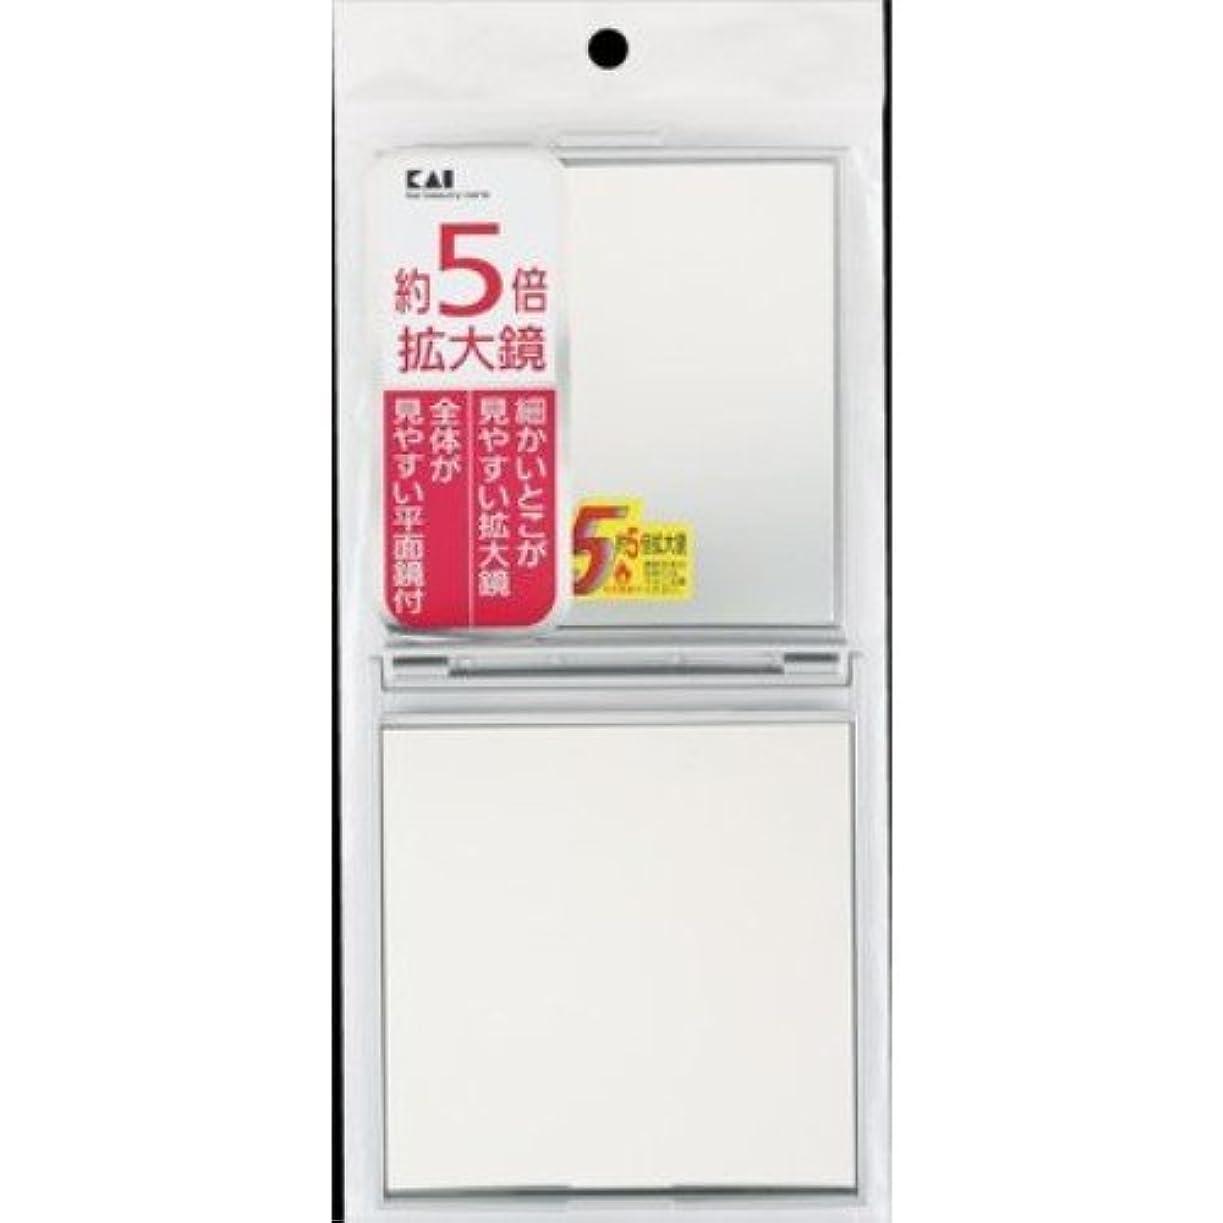 ニュース用量リビジョン貝印 5倍拡大鏡付コンパクトミラー シルバー KX0755